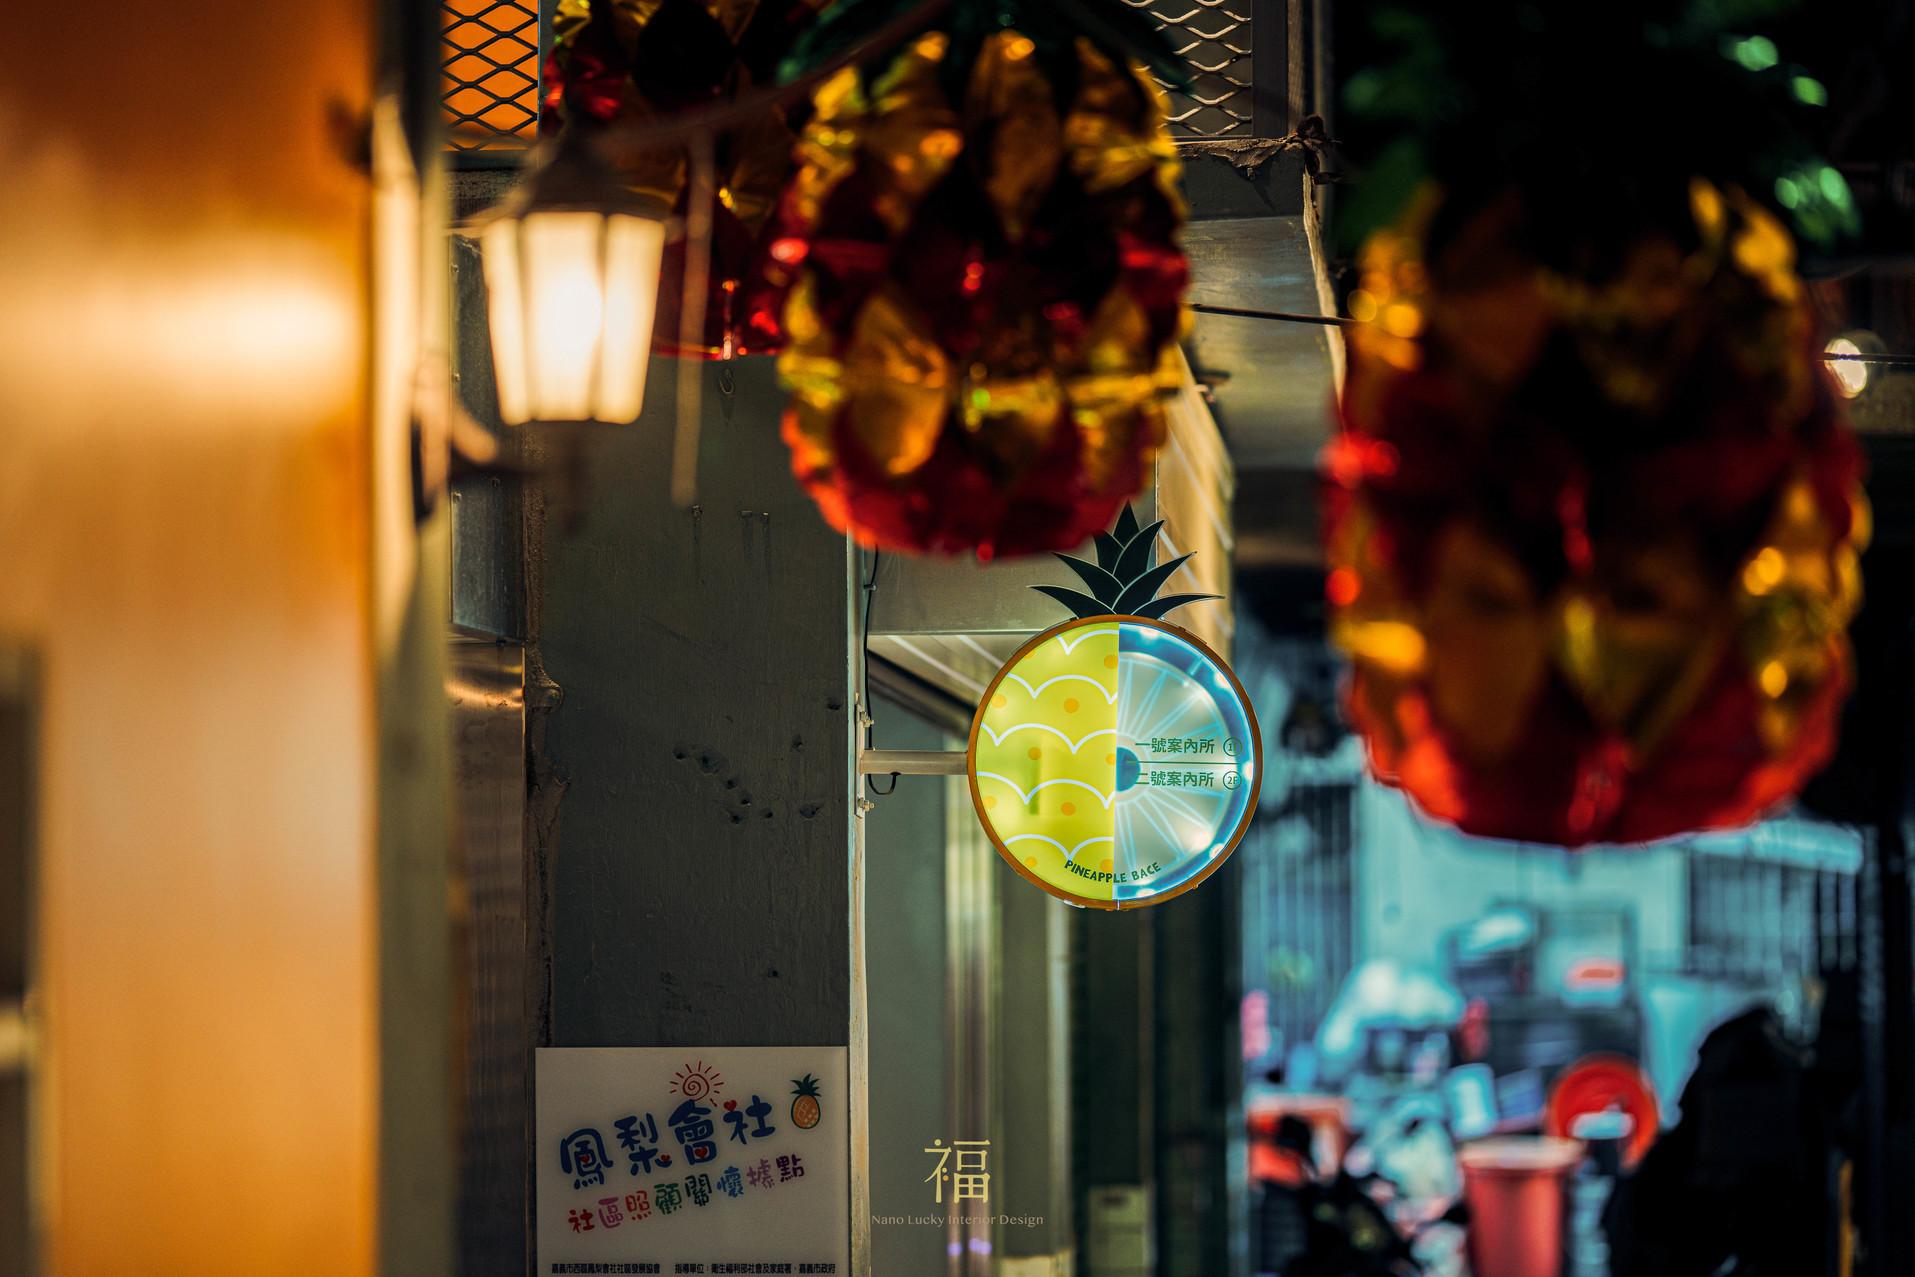 鳳梨會社5點0-鳳梨會社基地|小福砌社區空間規劃設計